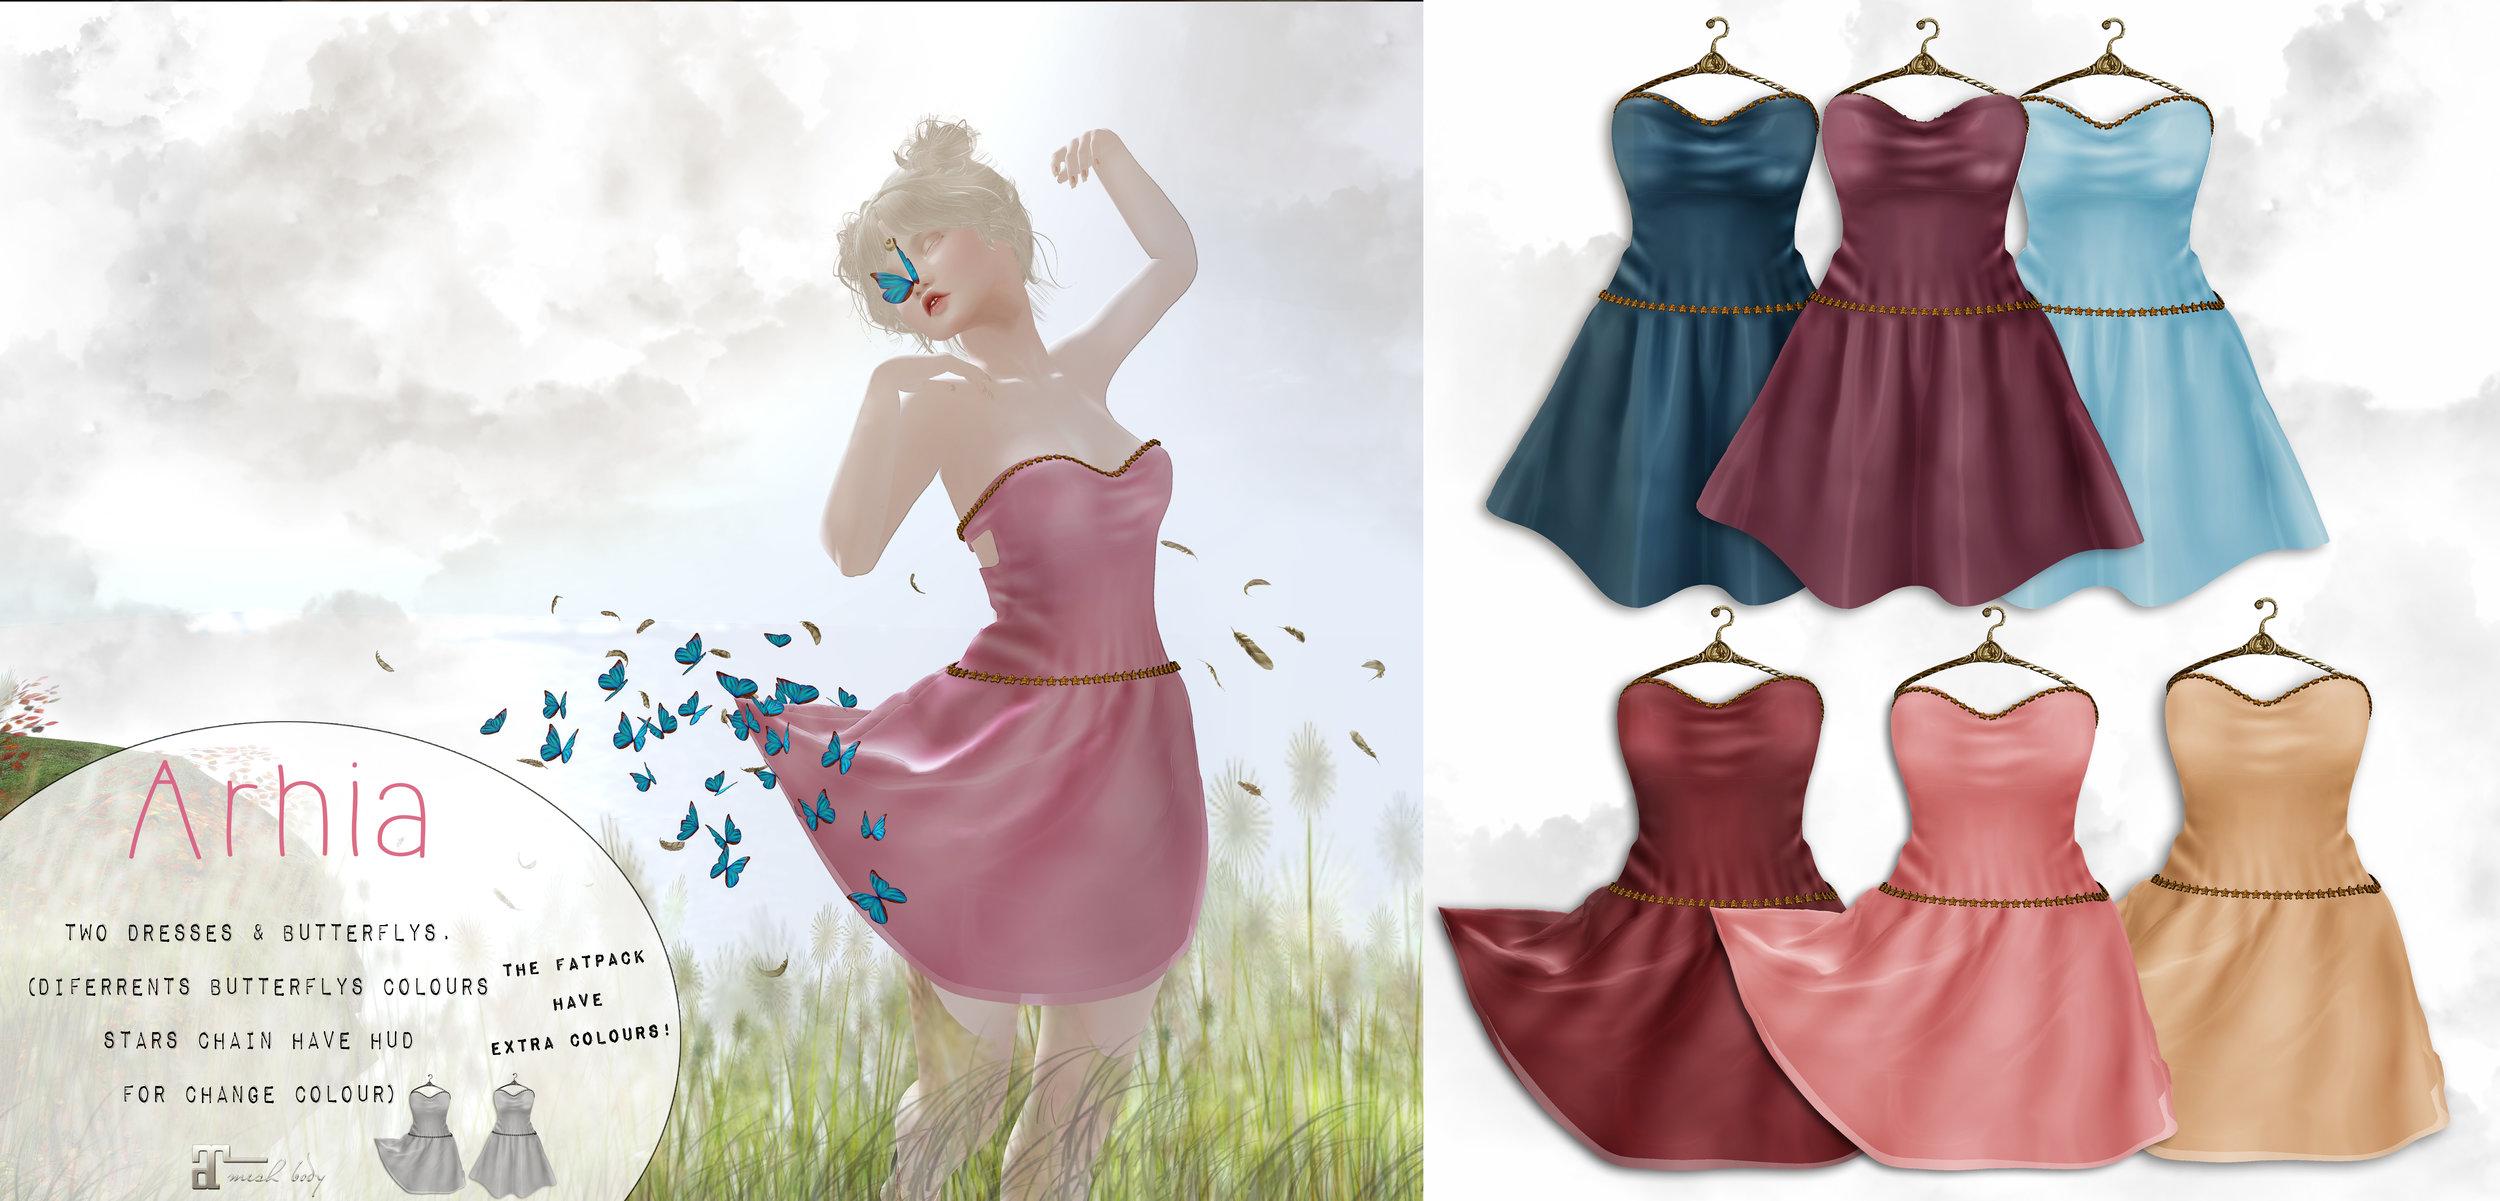 Una - Arhia Dress